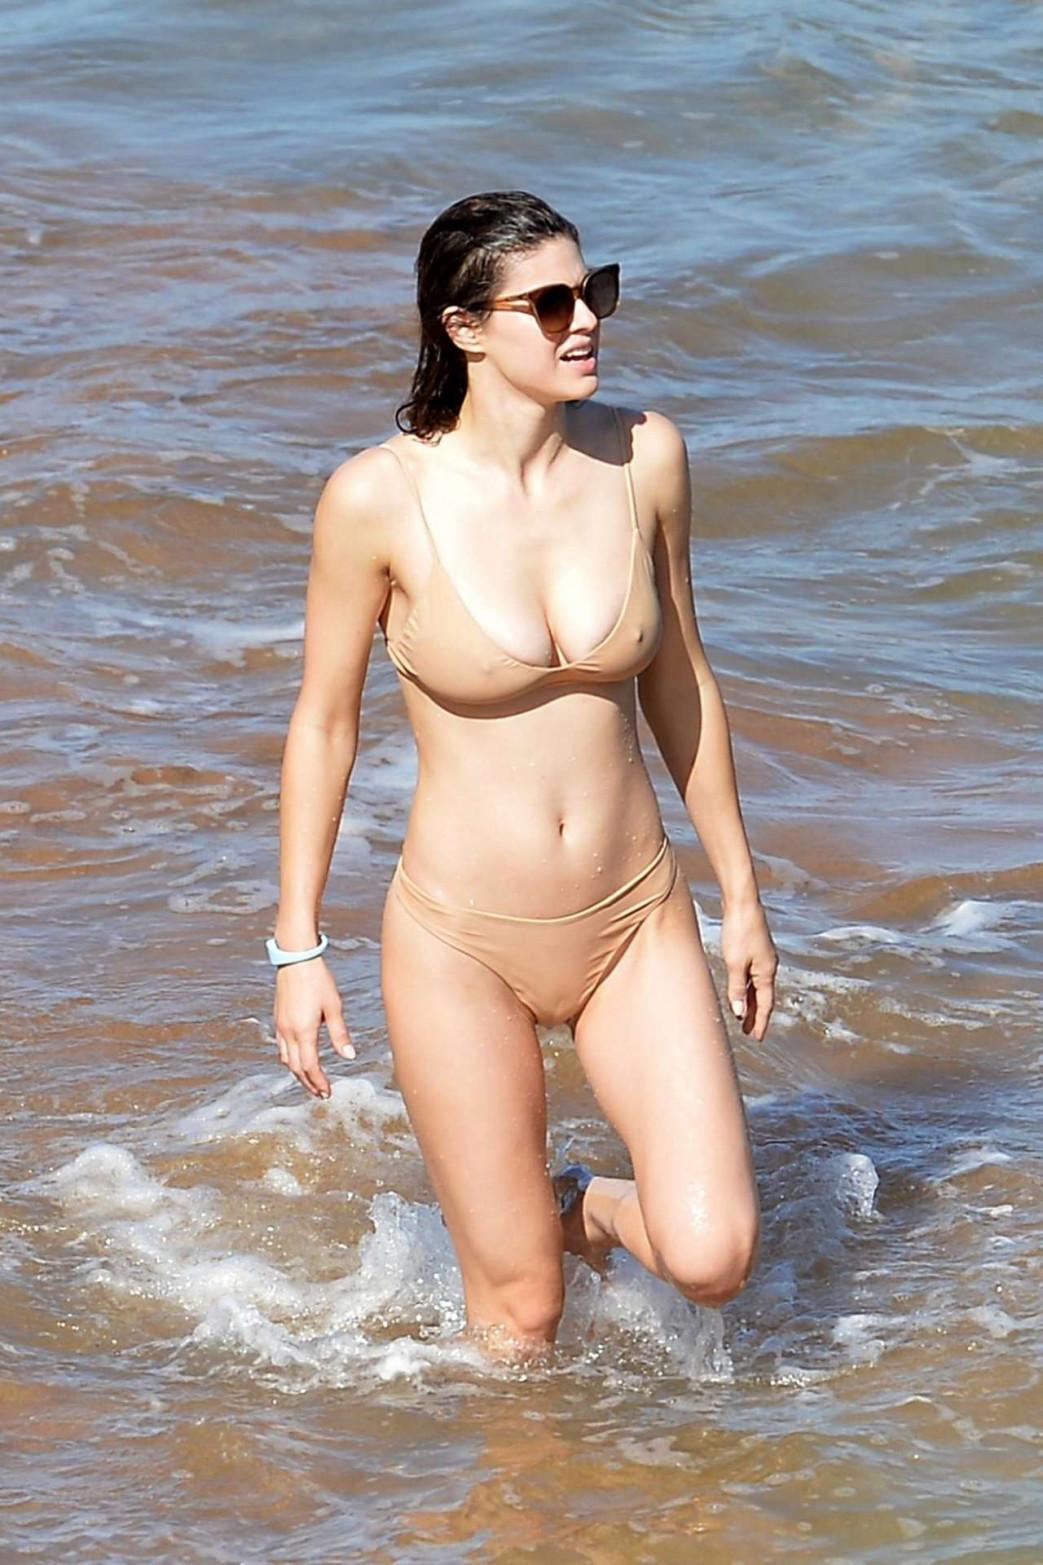 Alexandra-Daddario-Pokies-and-Wedgie-Picking-In-Wet-Bikini-2.jpg